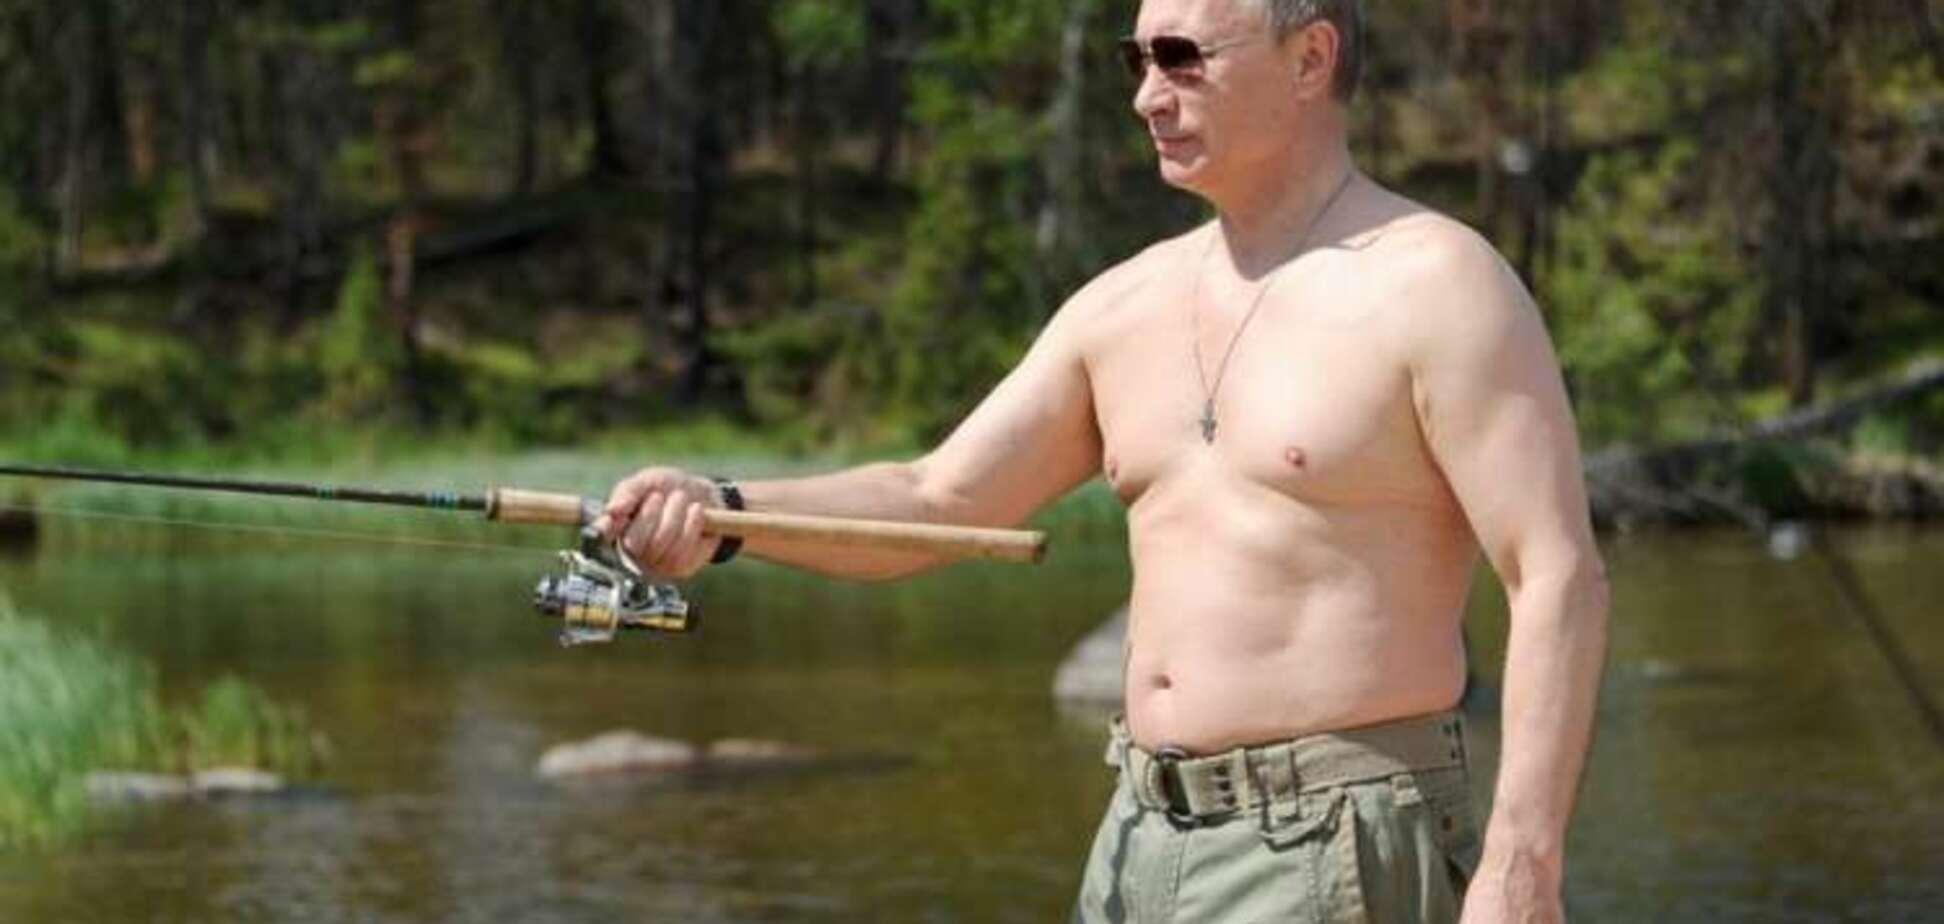 'На медведе пока не скакал': Путин оправдался за 'голые' фото